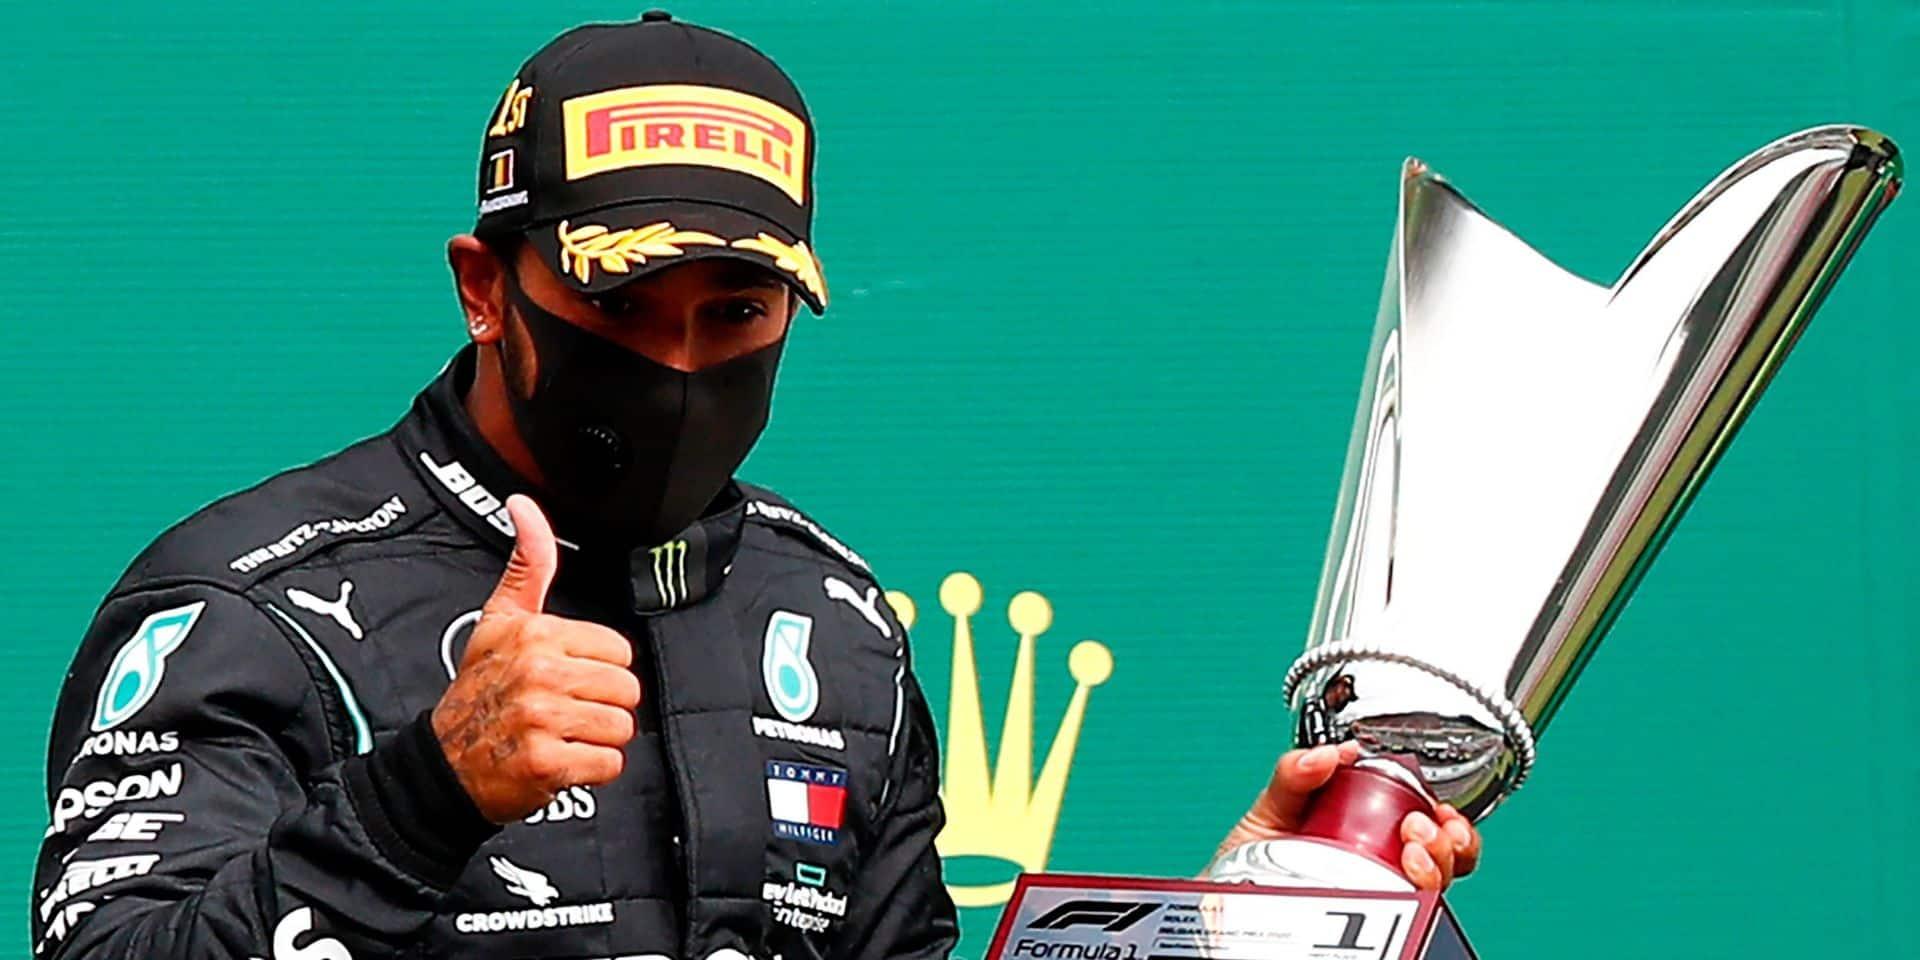 Lewis Hamilton vainqueur d'un GP de Belgique sans le moindre suspense, sans public et sans ambiance